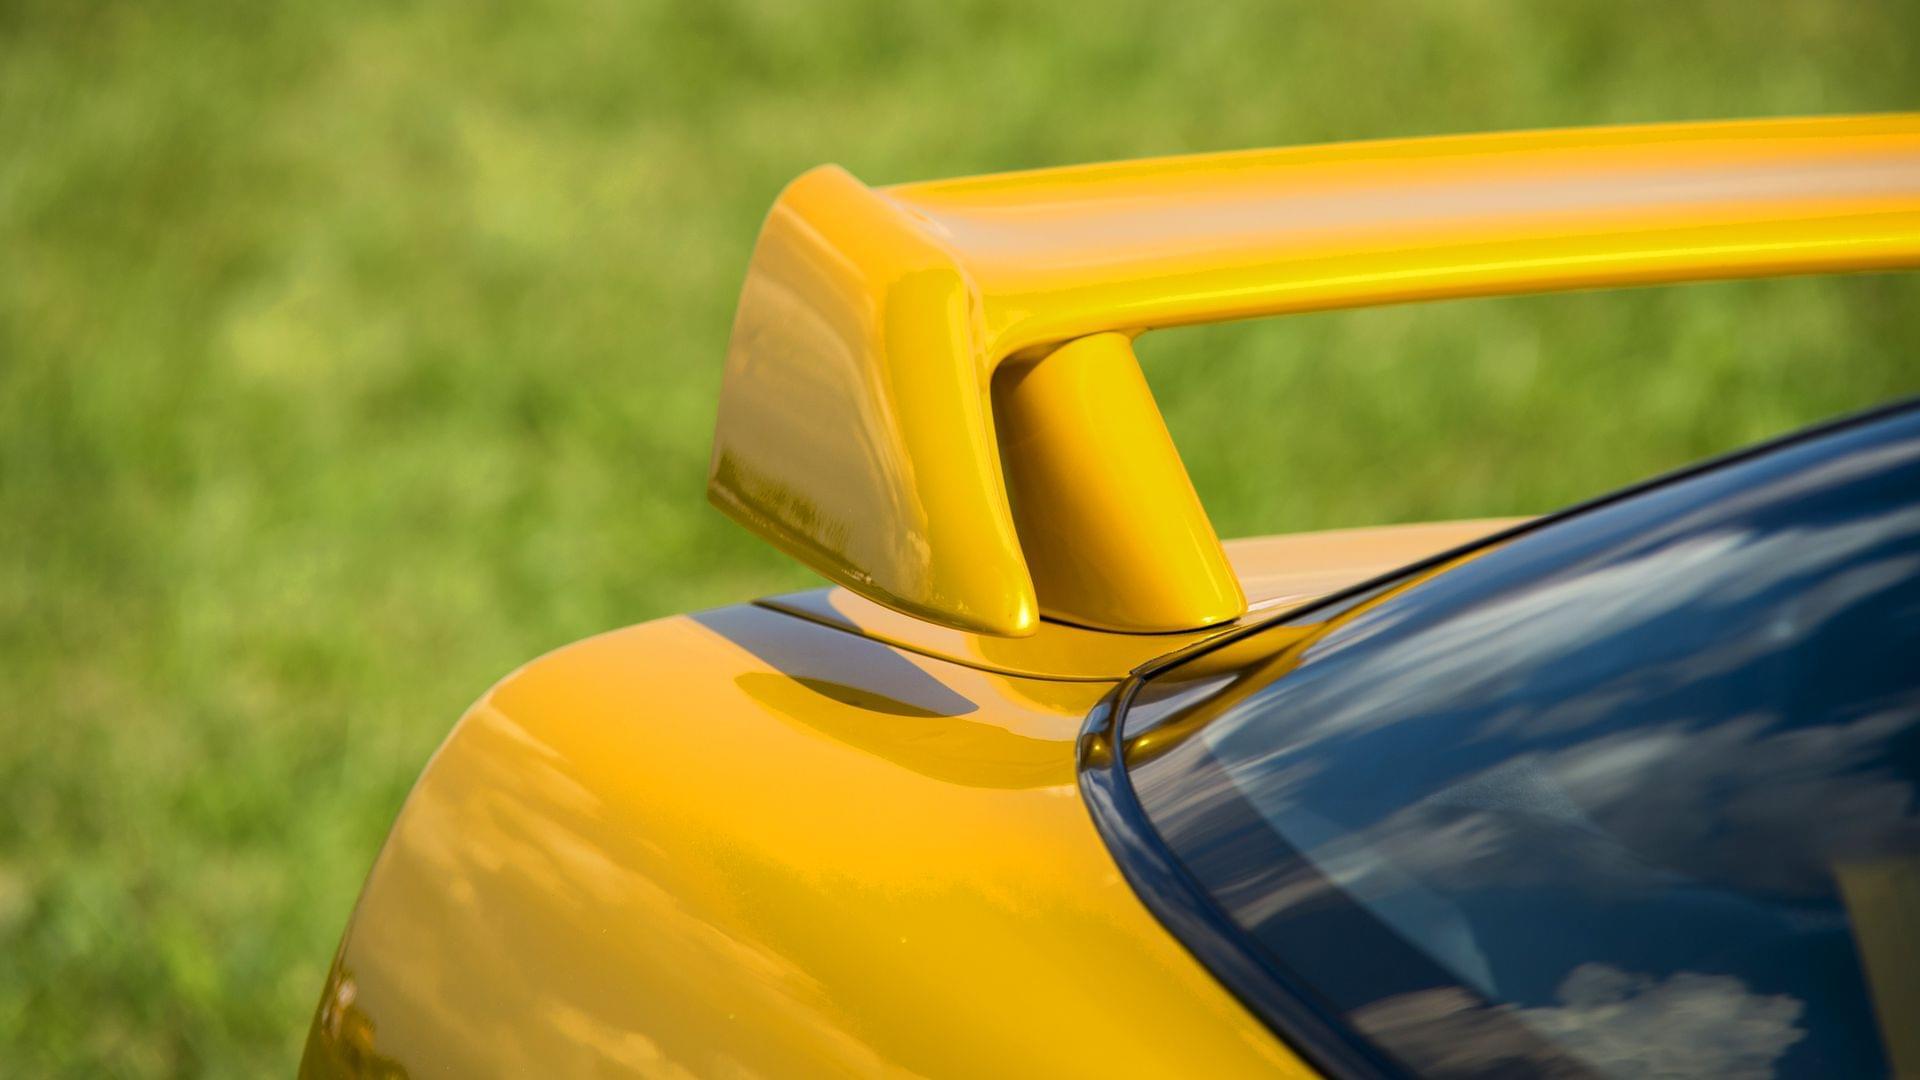 Tapicer Samochodowy Radzyń Podlaski - Najlepsi w 2021